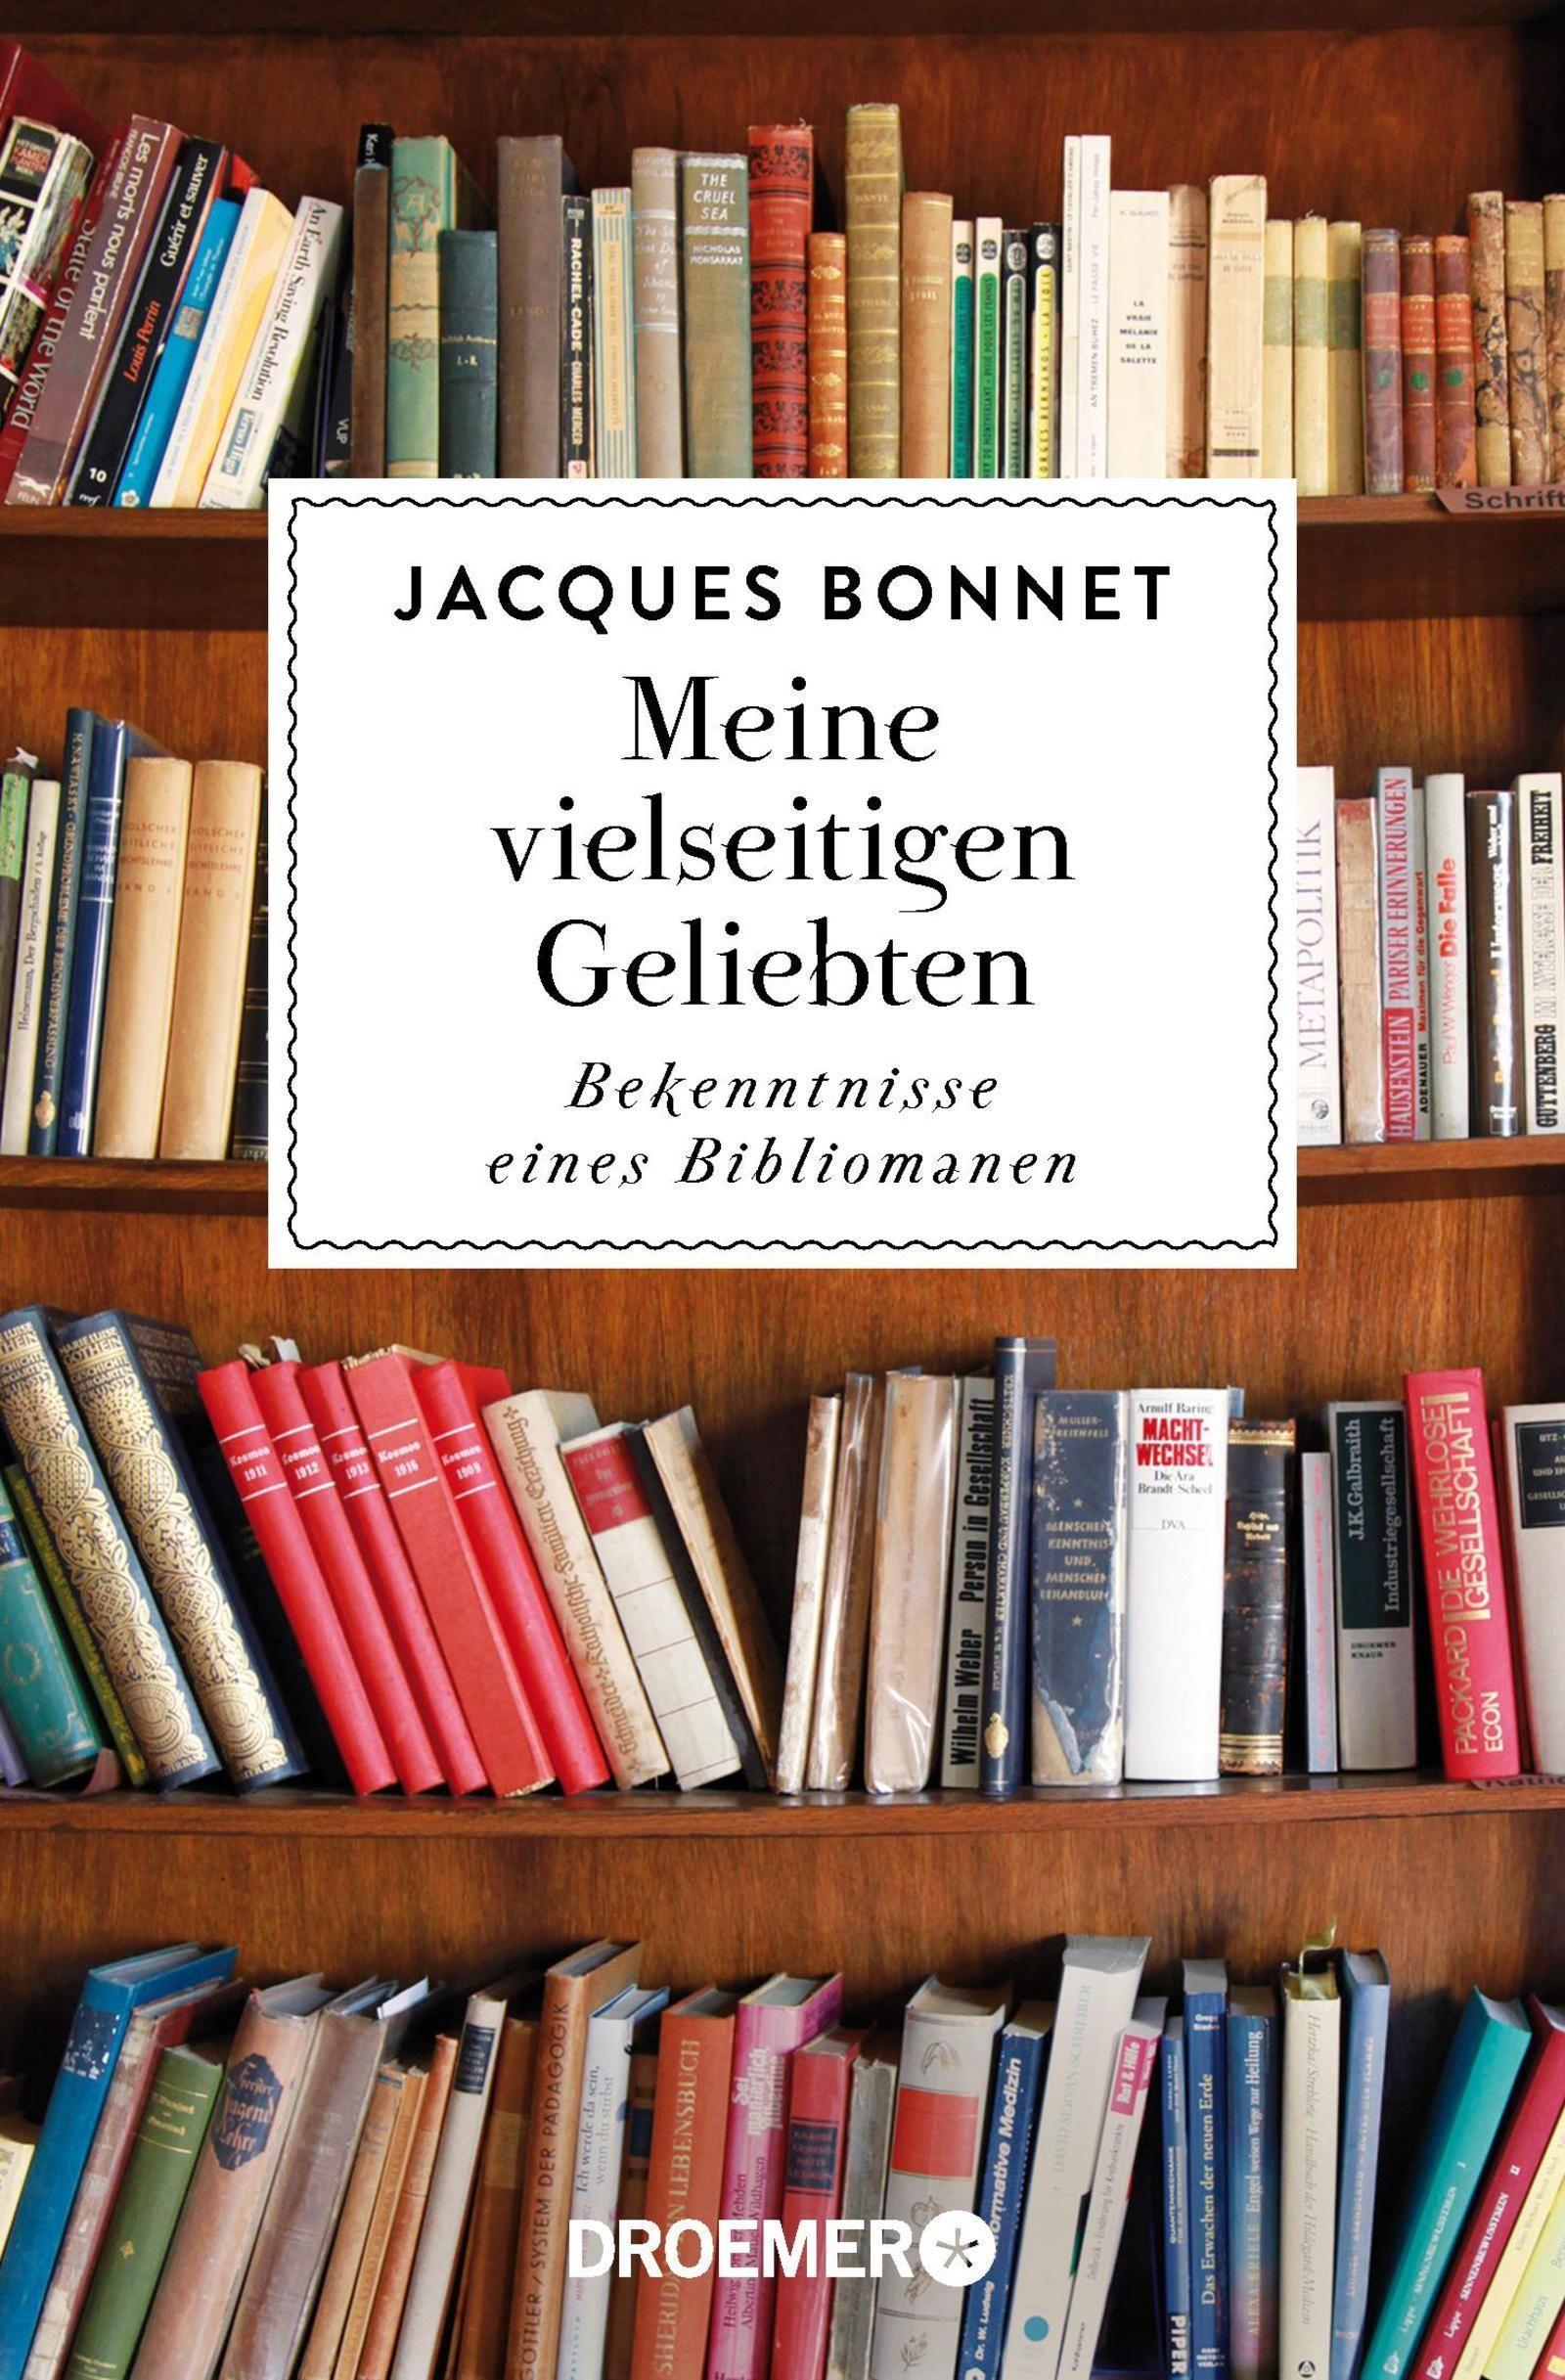 Meine vielseitigen Geliebten : Bekenntnisse eines Bibliomanen: Jacques Bonnet